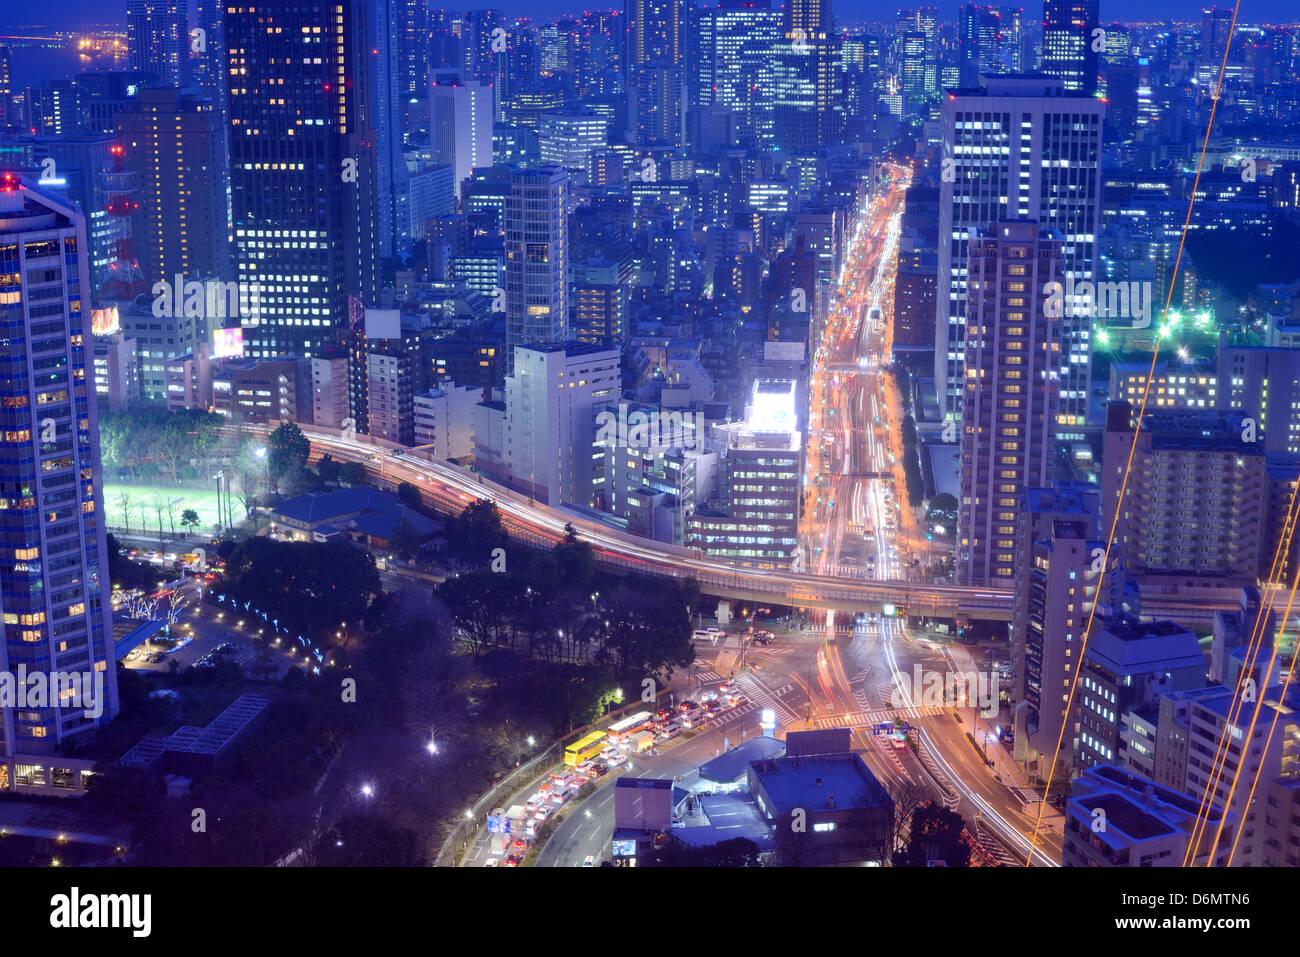 Autopistas y carreteras en Tokio, Japón Imagen De Stock